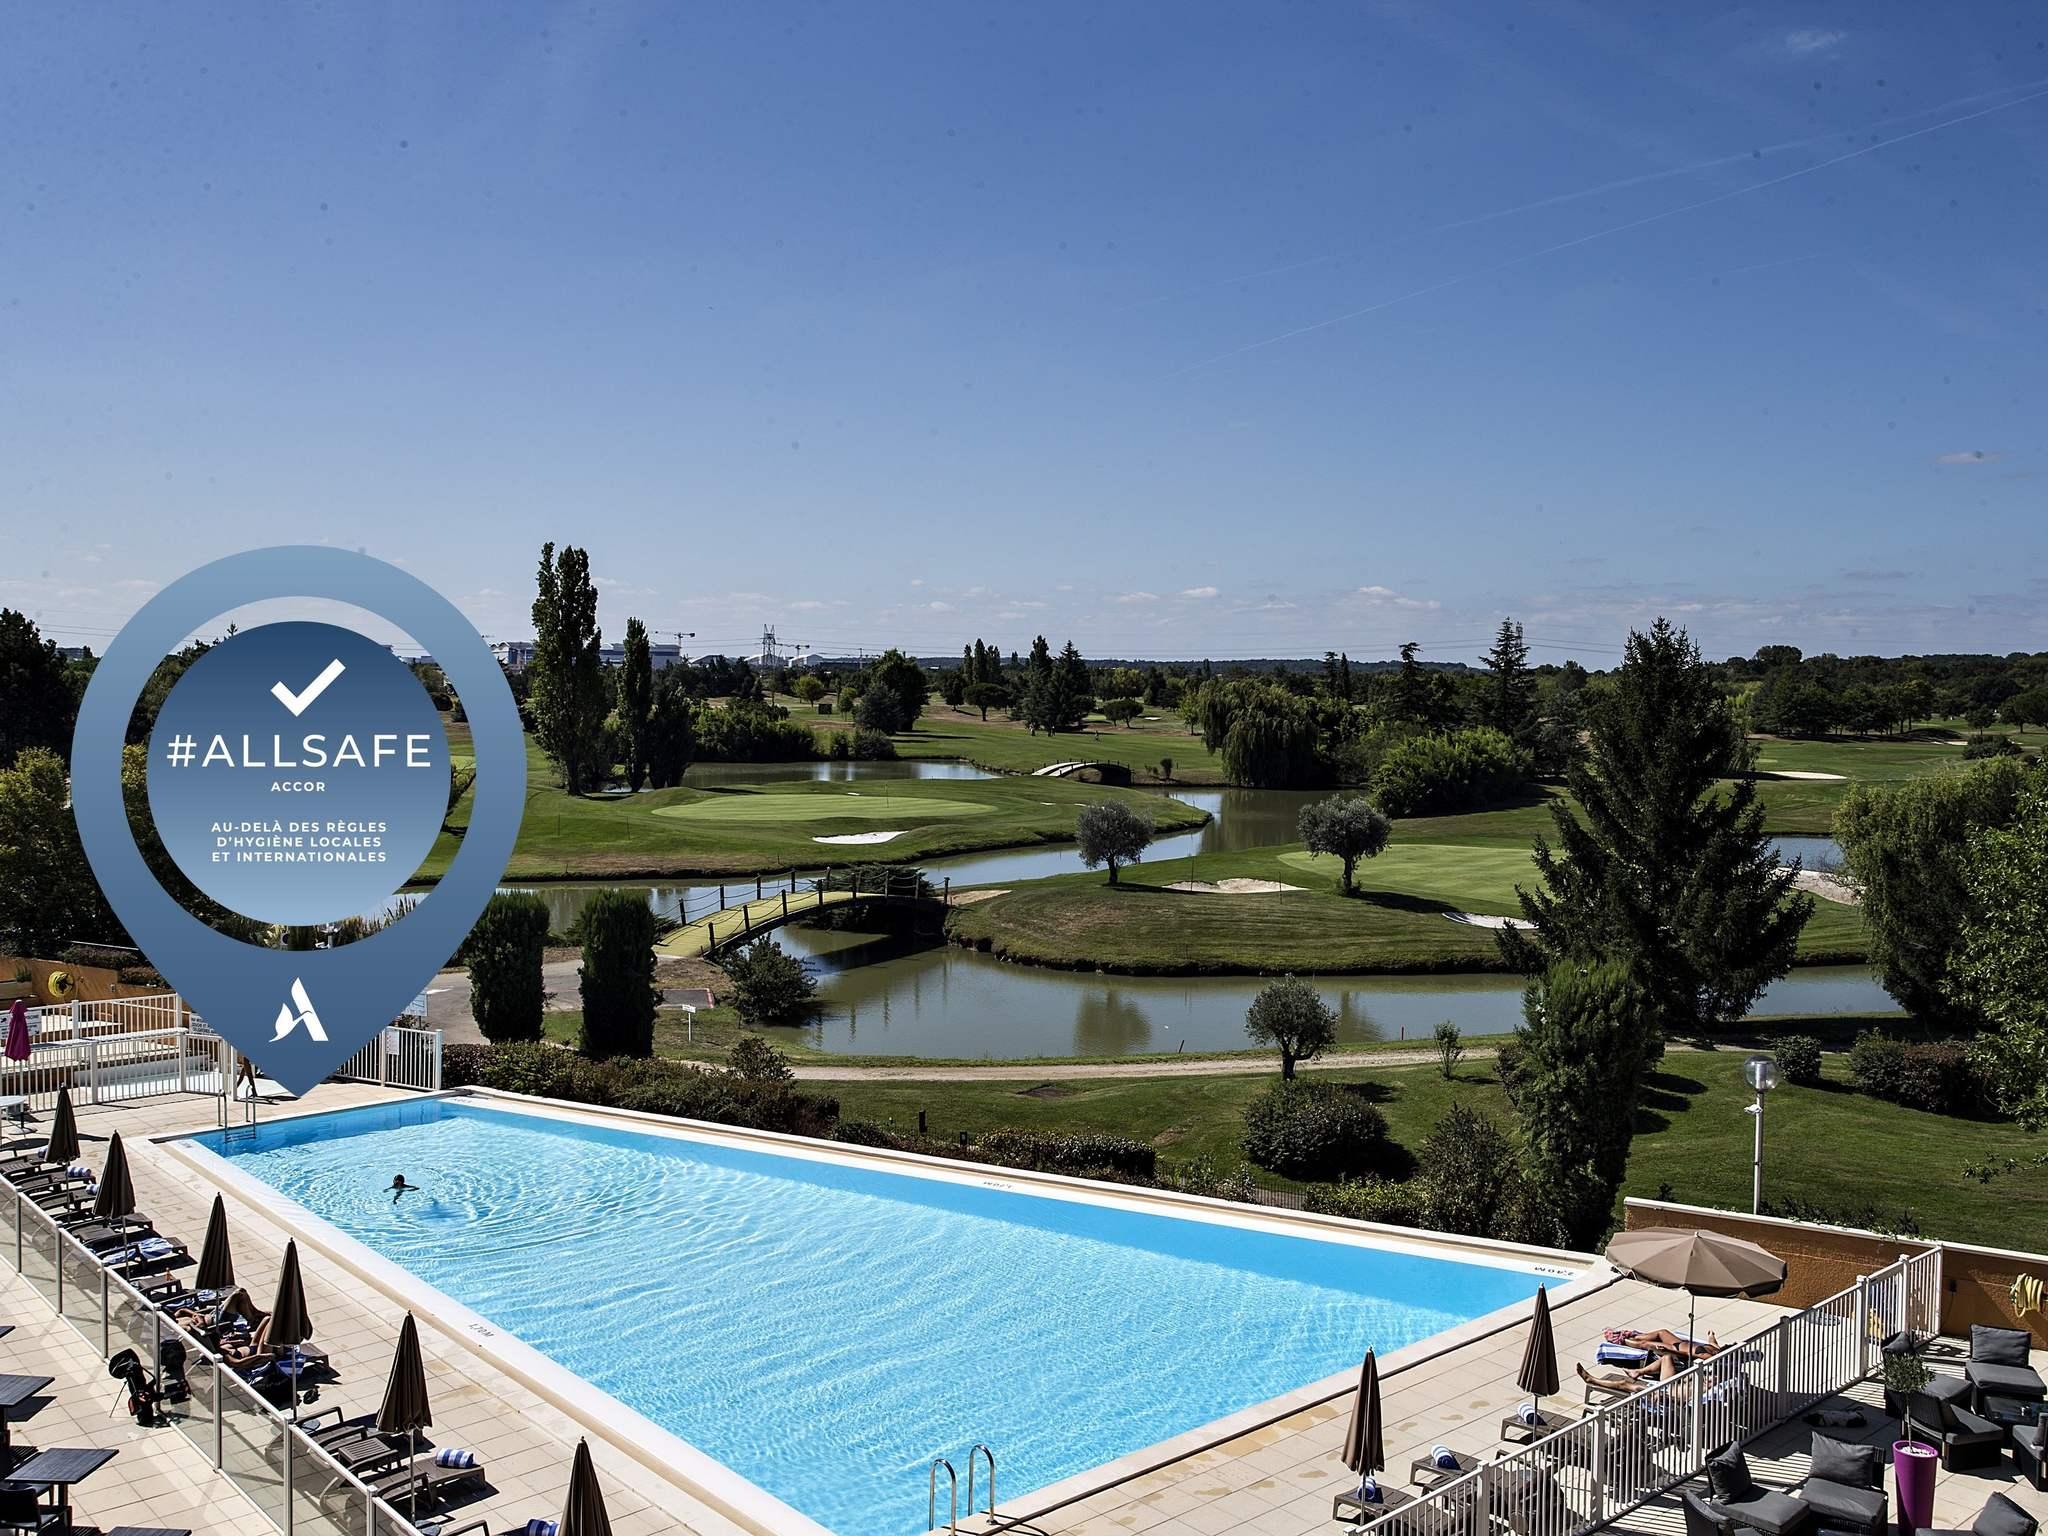 Hotel - Mercure Toulouse Airport Golf de Seilh Hotel